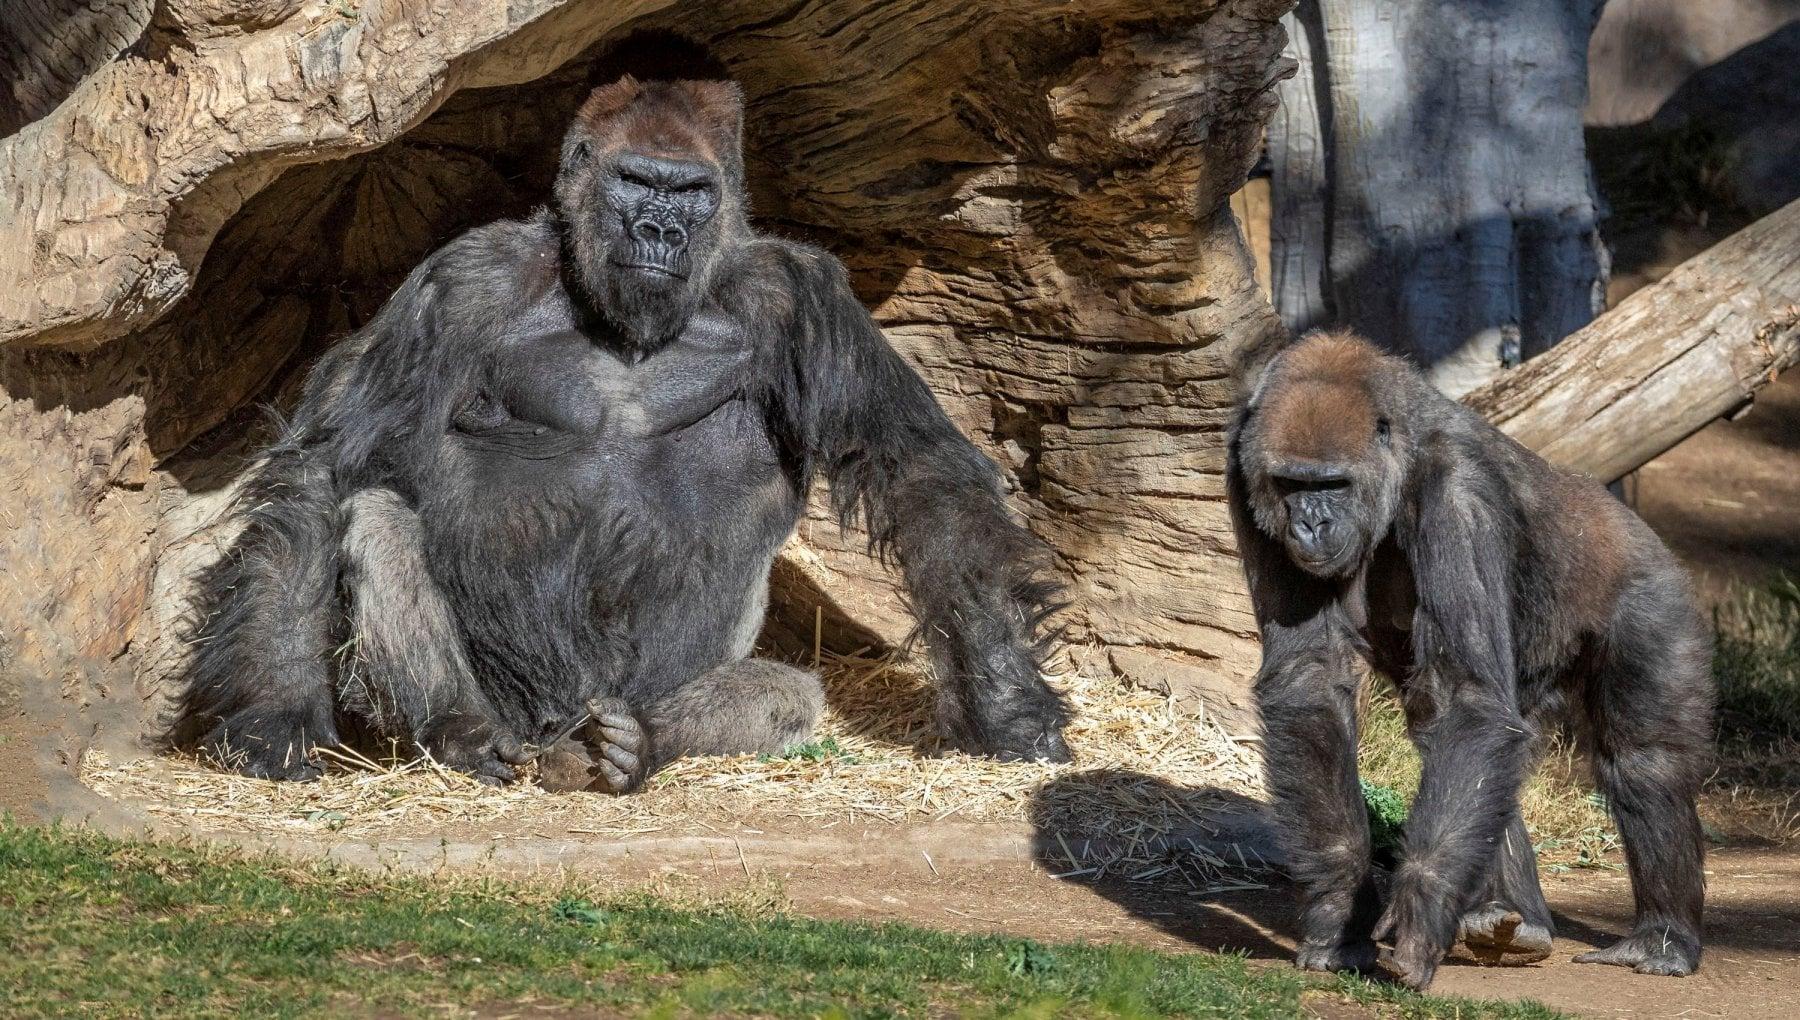 004210716 5873438c 9652 40d1 b506 f1245a4ffe74 - Stati Uniti, nello zoo di San Diego almeno due gorilla positivi al coronavirus